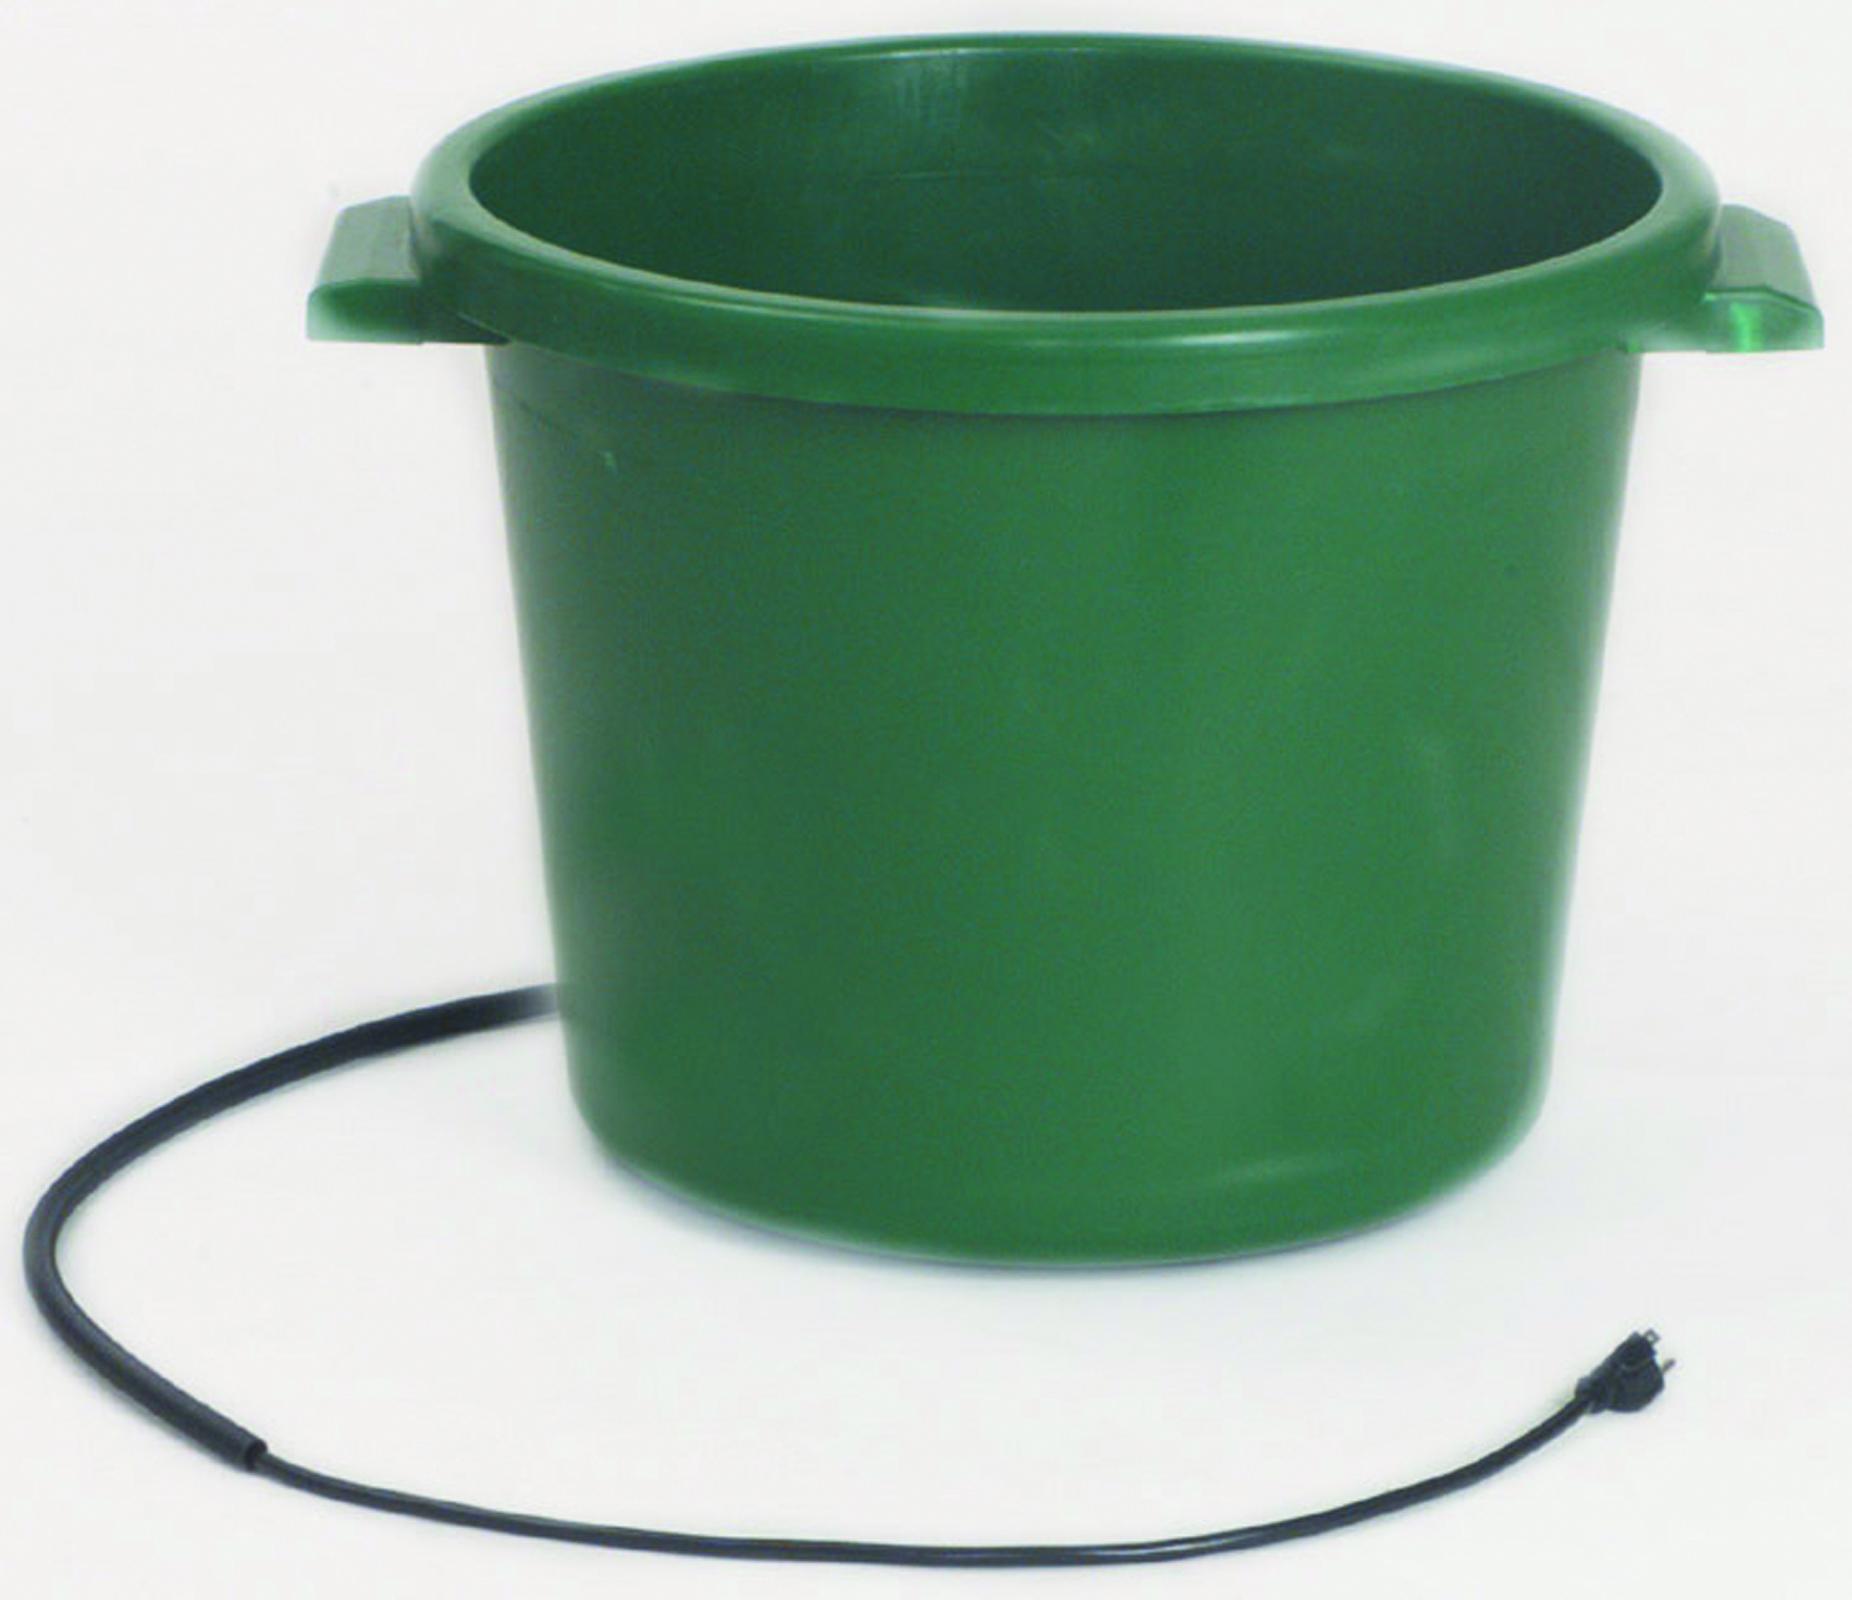 Farm Innovators Heated Plastic Tub